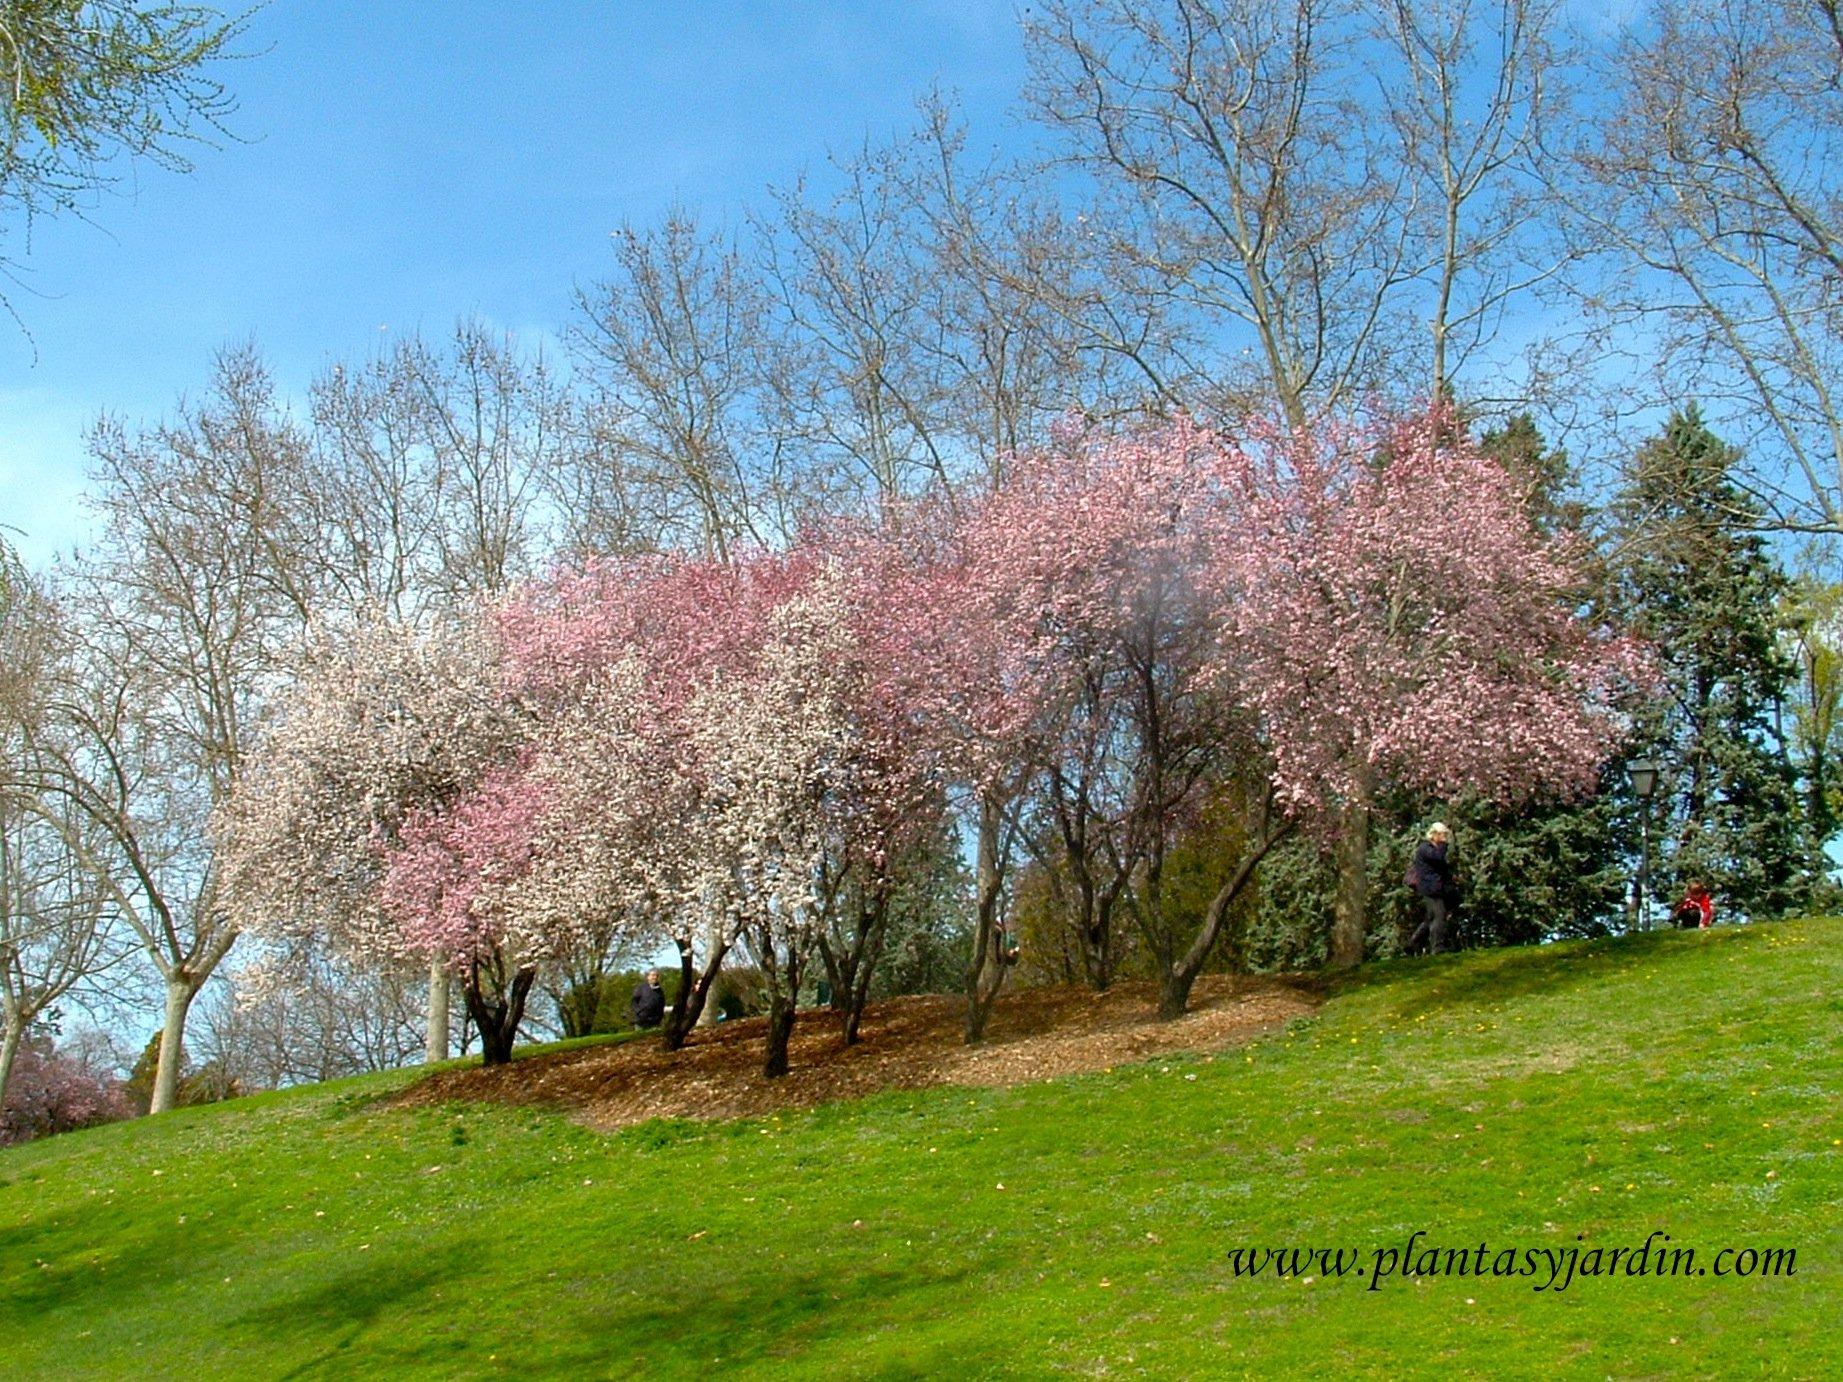 rboles ornamentales para jardines peque os plantas y jard n On arboles para jardines pequenos chile